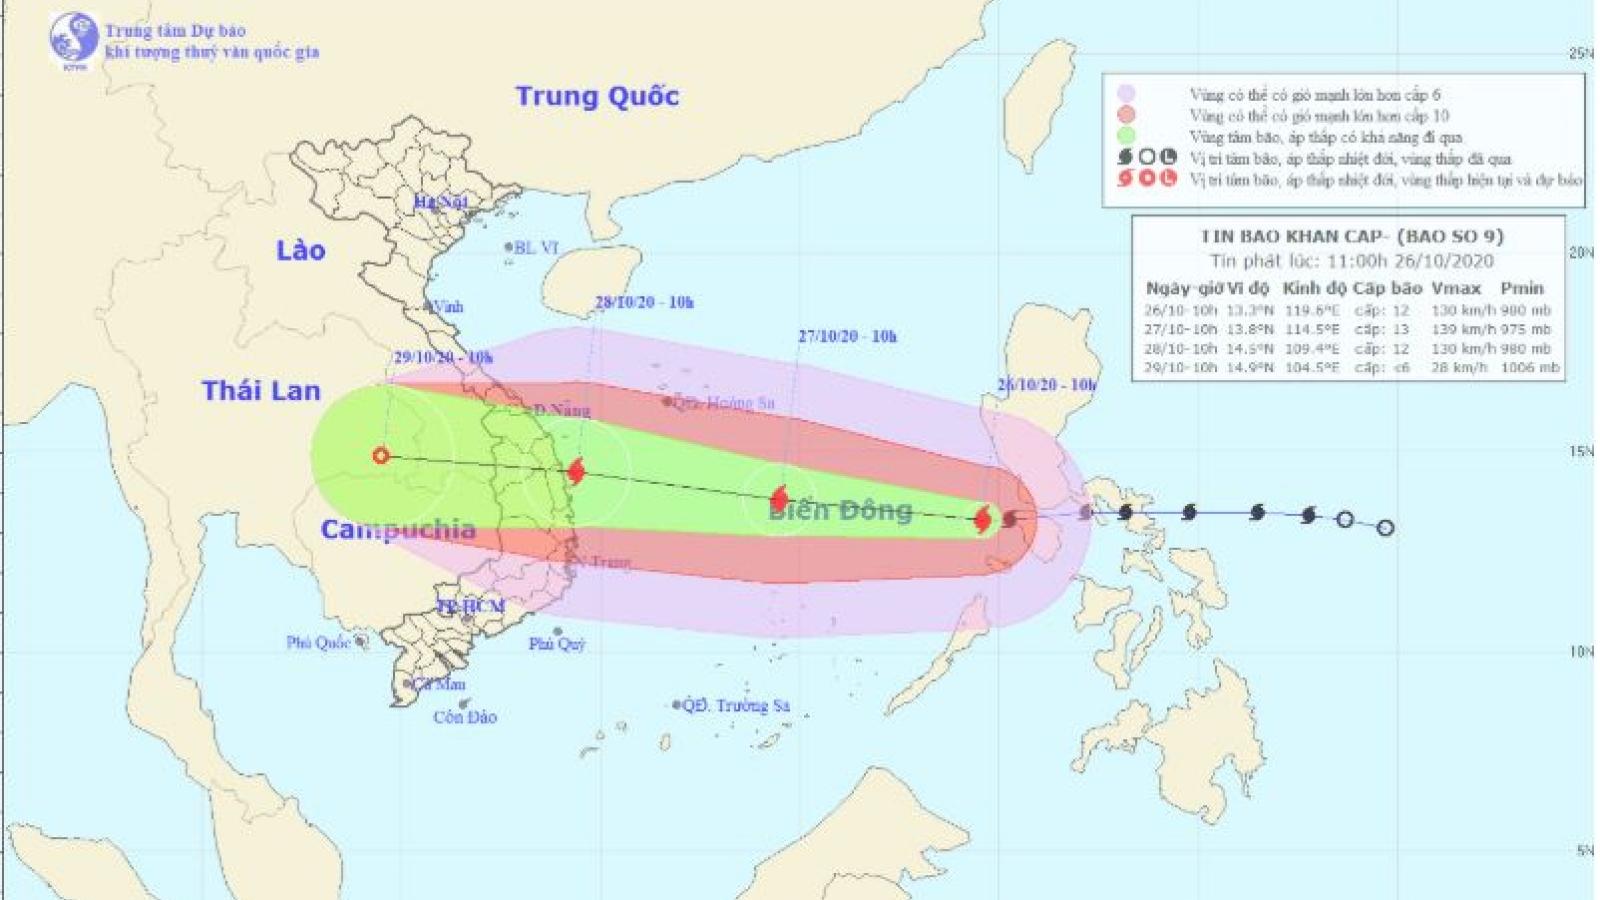 Bão số 9 sẽ đi vào đất liền các tỉnh từ Đã Nẵng đến Phú Yên rồi suy yếu